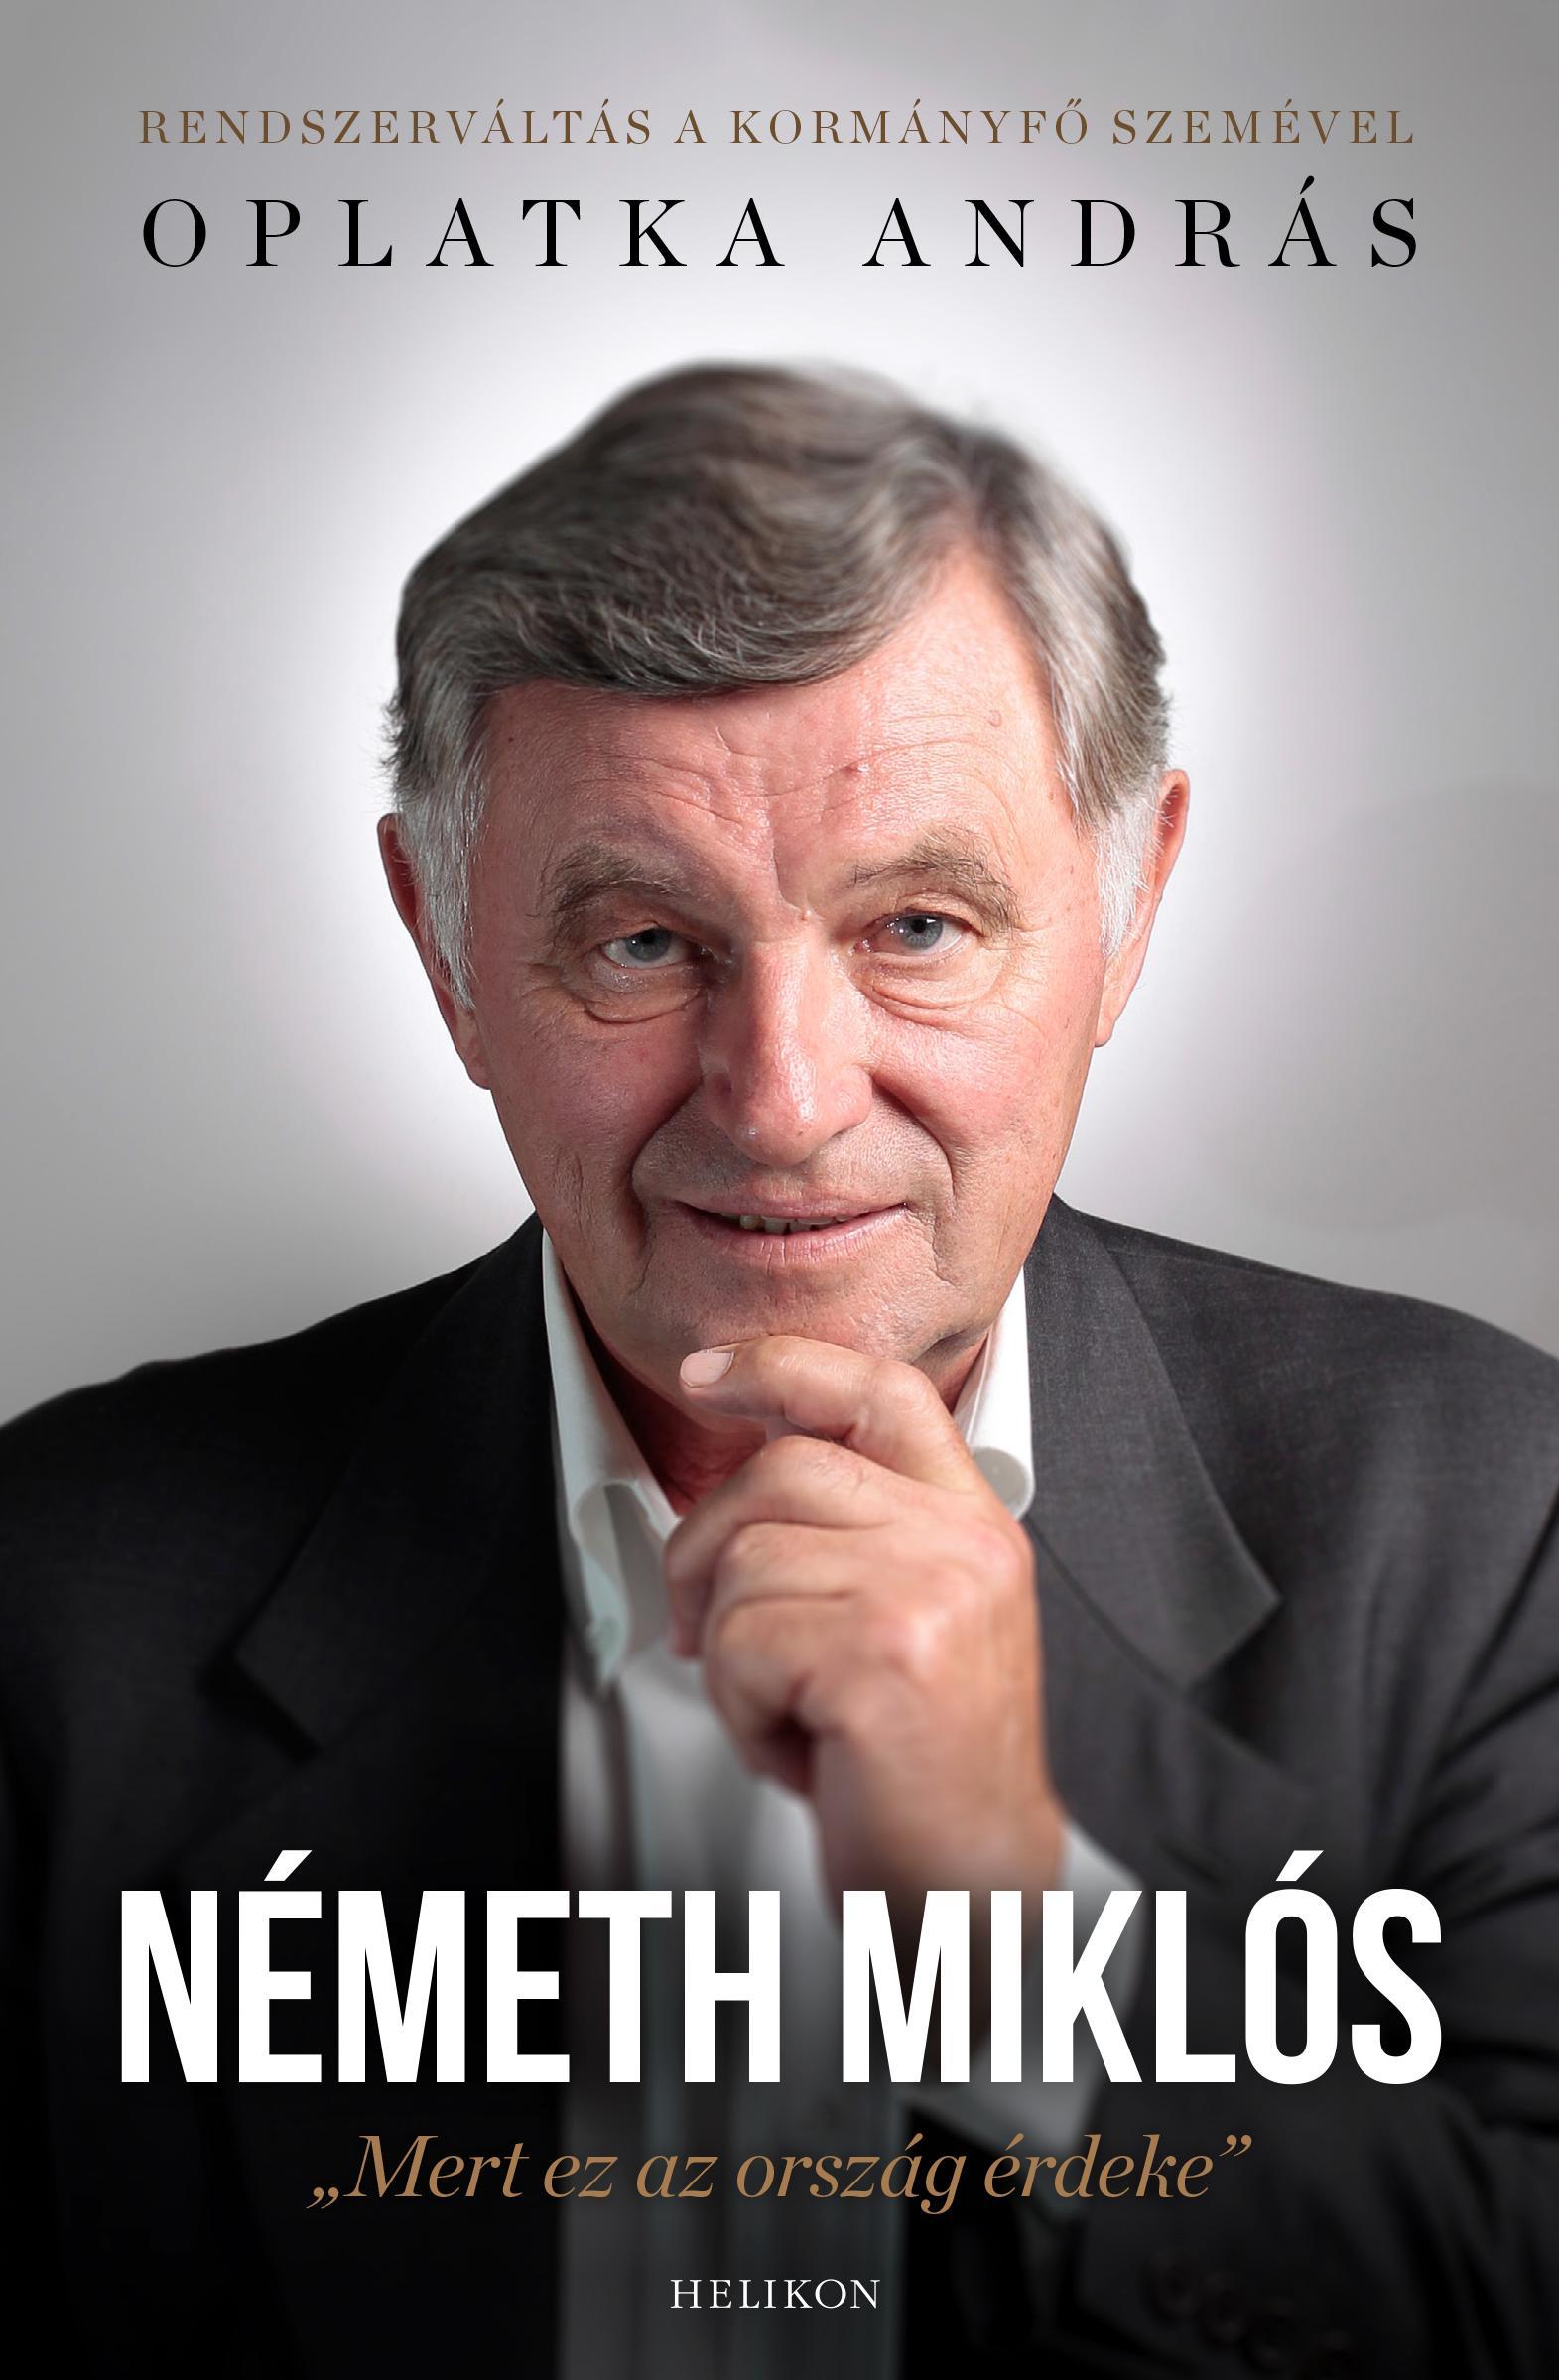 NÉMETH MIKLÓS - MERT EZ AZ ORSZÁG ÉRDEKE